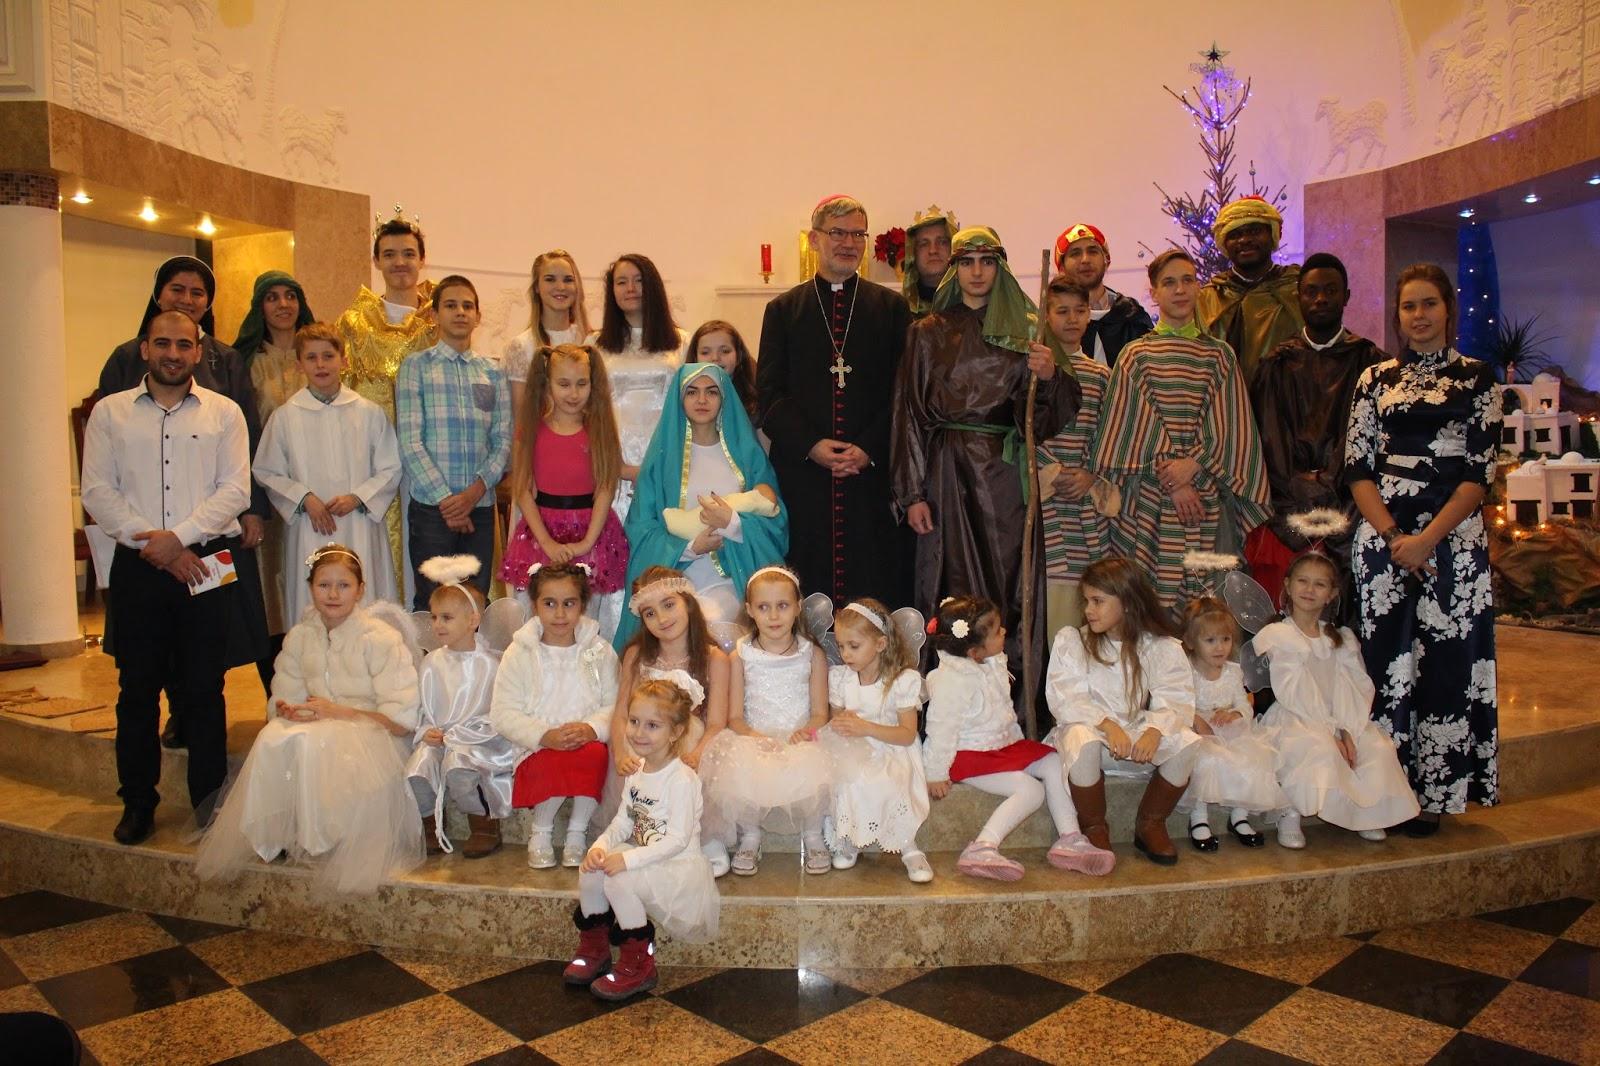 Katholisch in Südrussland: Weihnachten 2017 an der Wolga